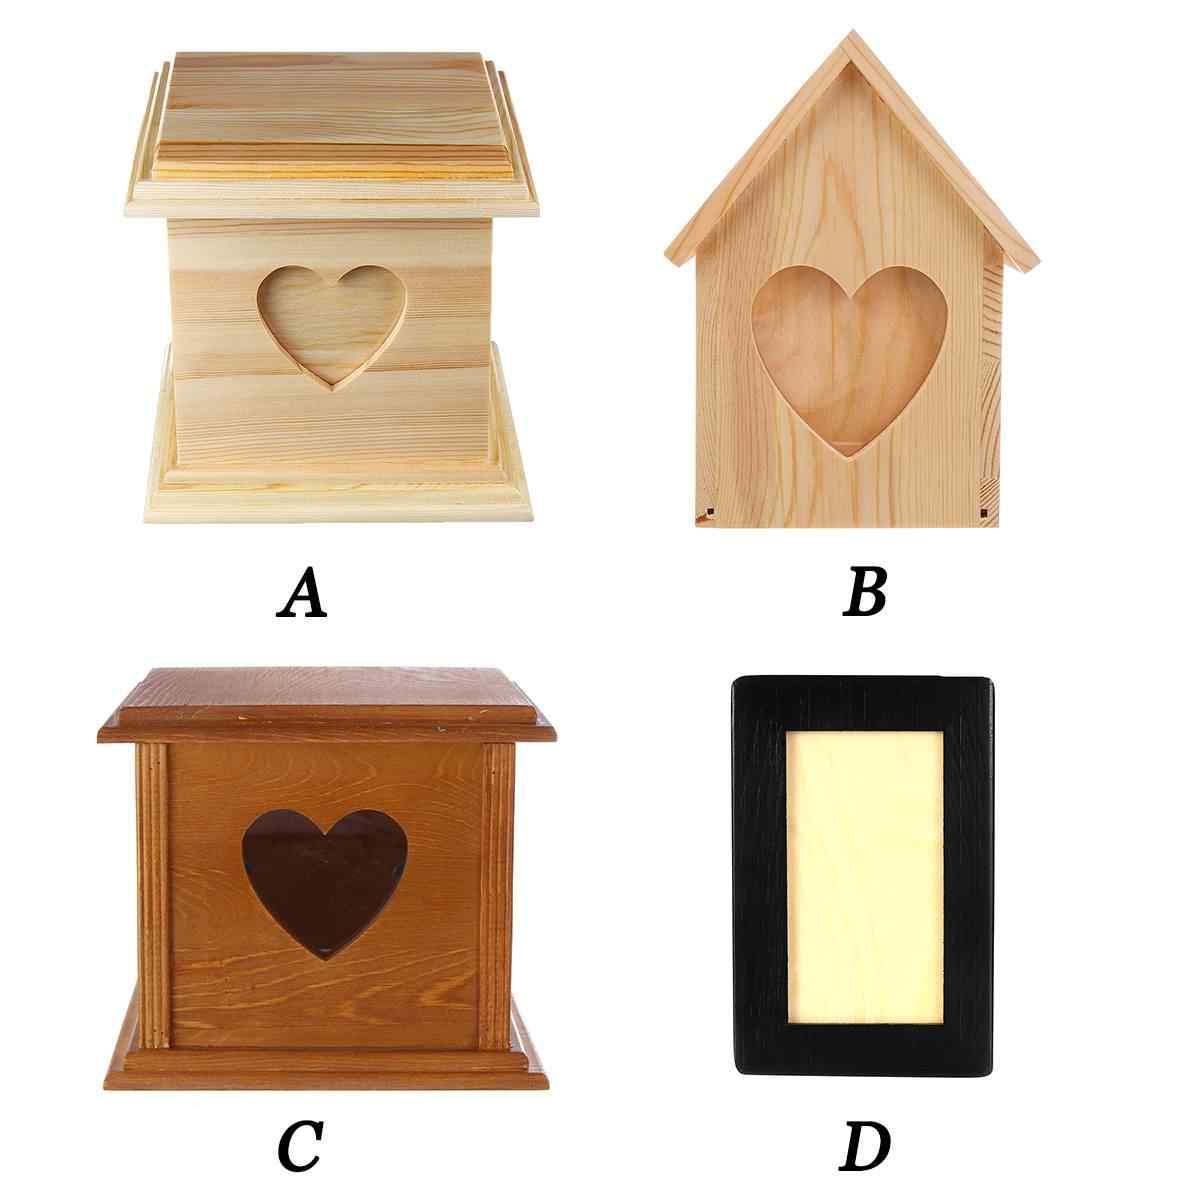 4 סגנון יכול לשים תמונה עץ כד לחיות מחמד חתול כלב ציפור חיות קופסאות בית עבור אפר שריפת גופות הלוויה זיכרון לחיות מחמד ארון כד תיבה